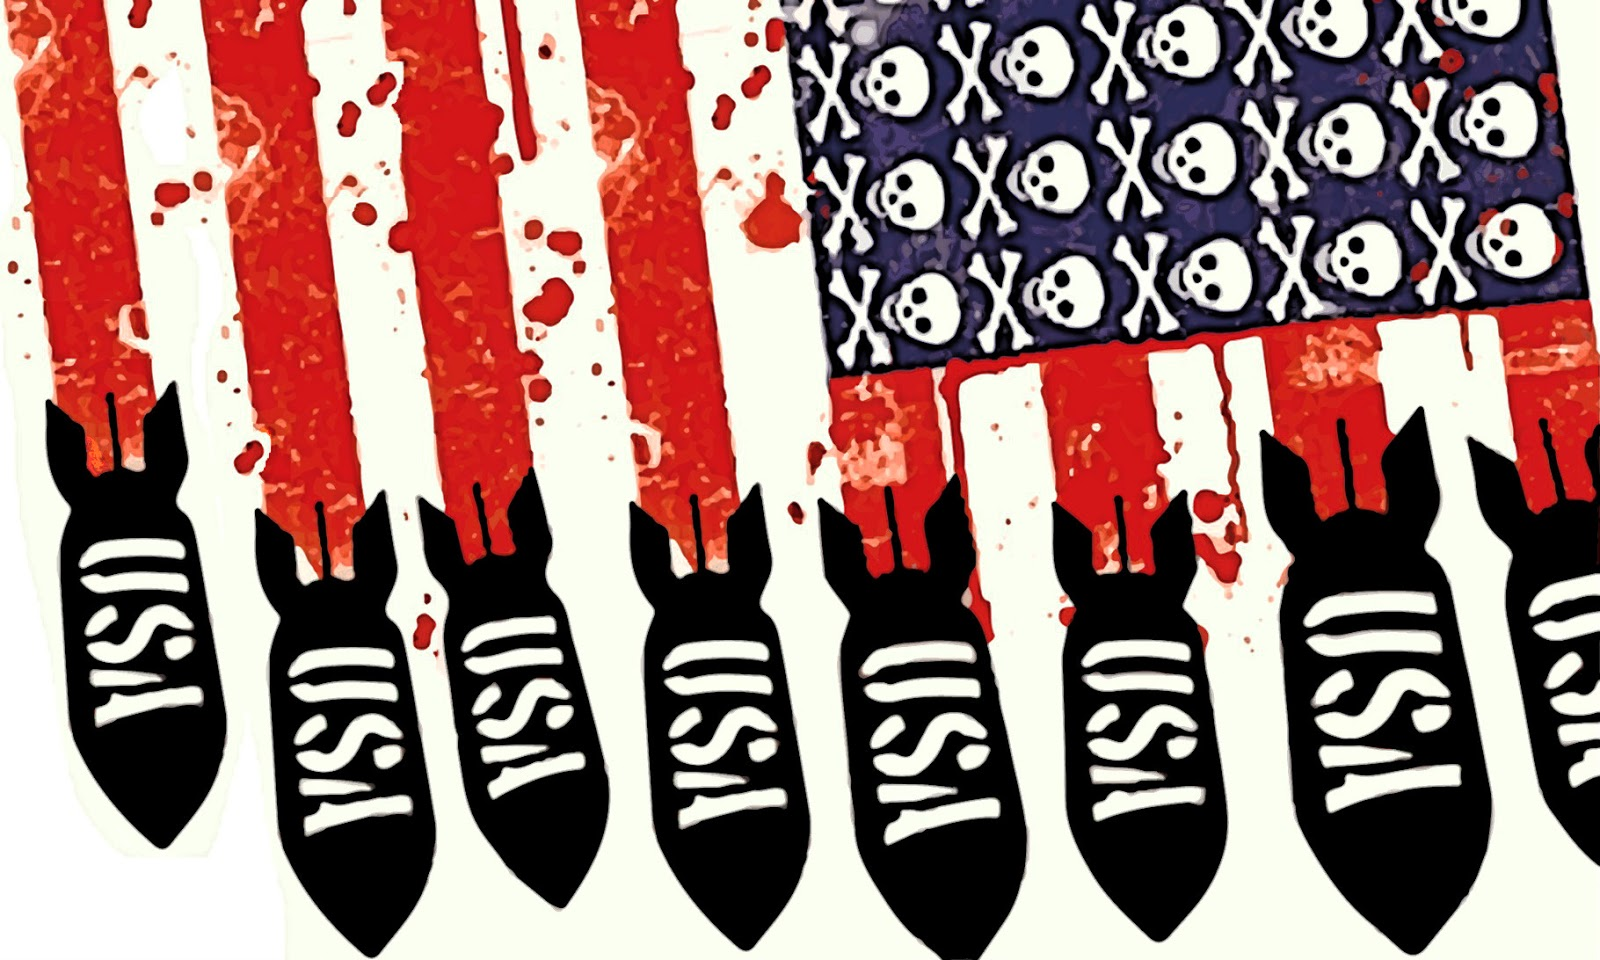 Estados Unidos y la guerra - Marcelo Colussi - publicado en enero de 2019 Imperialismo-bombas